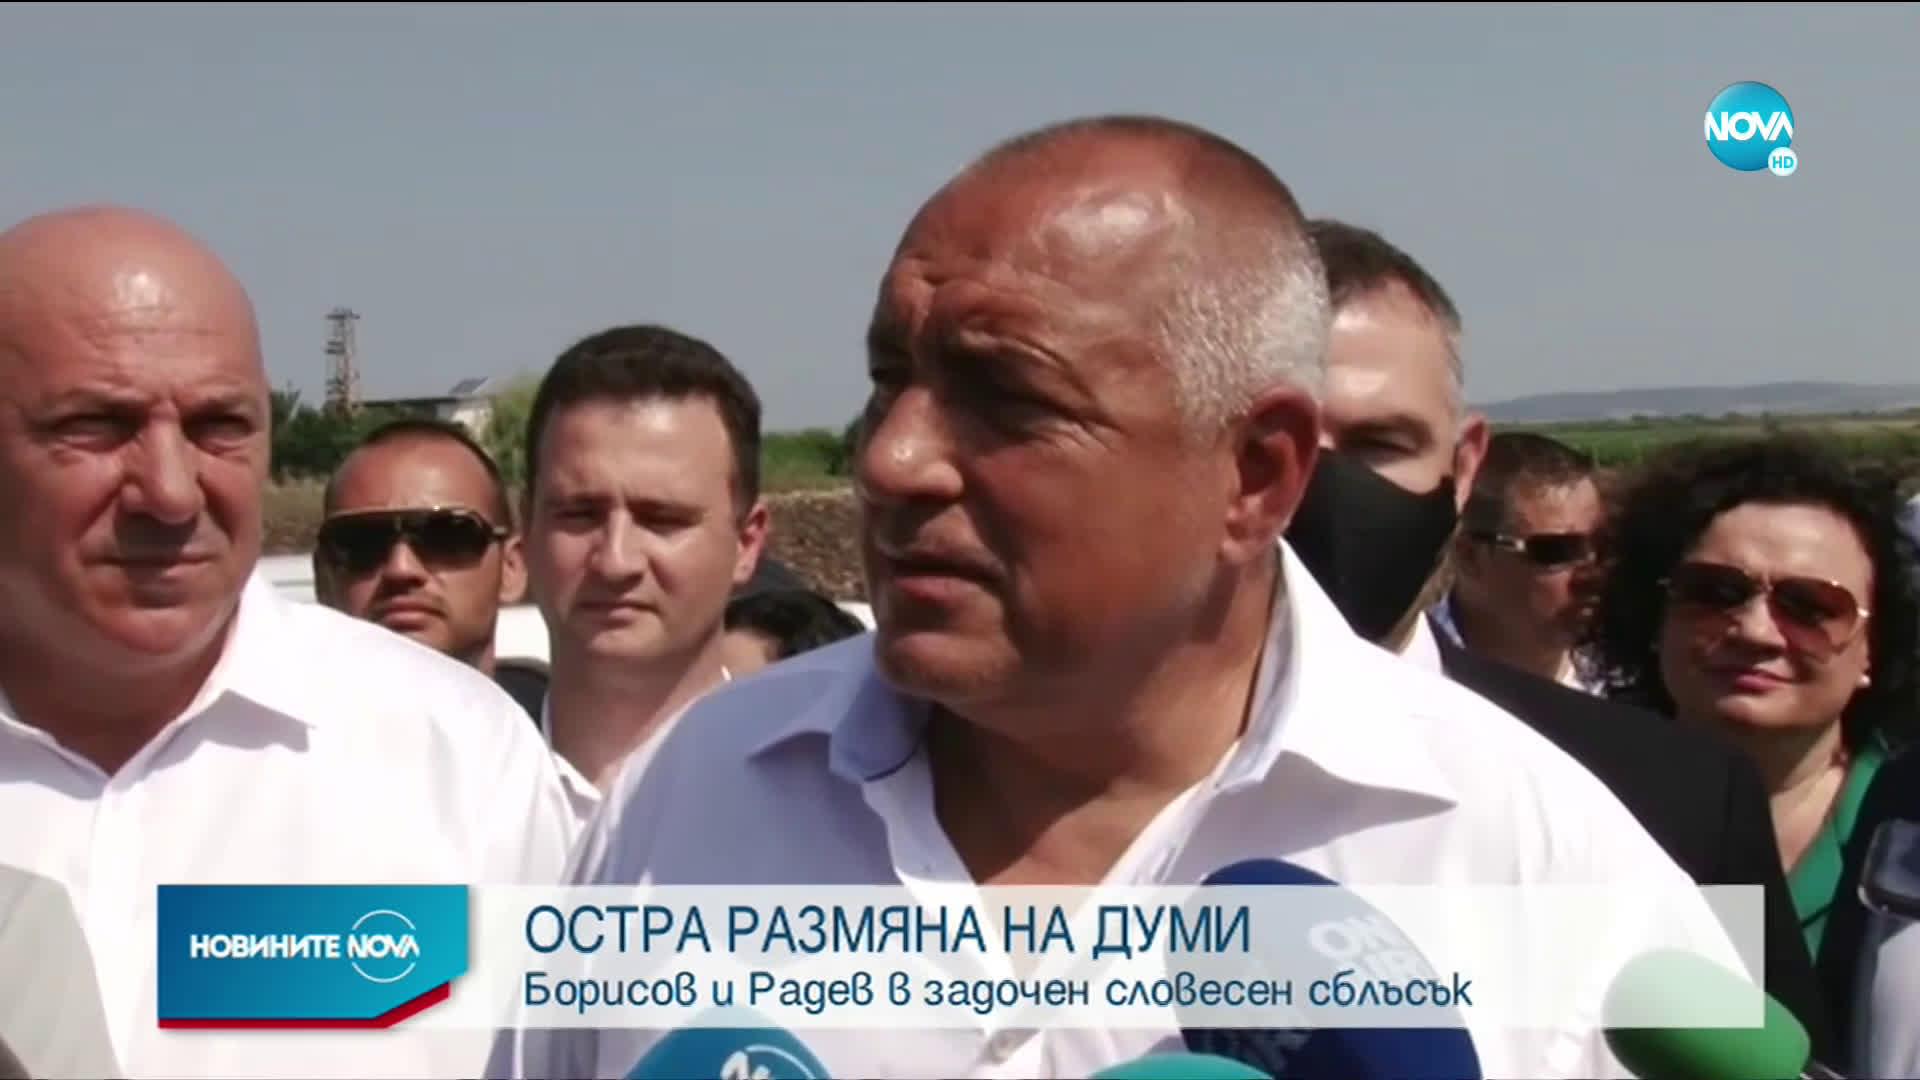 ОСТРА РАЗМЯНА НА ДУМИ: Борисов и Радев в задочен словесен сблъсък